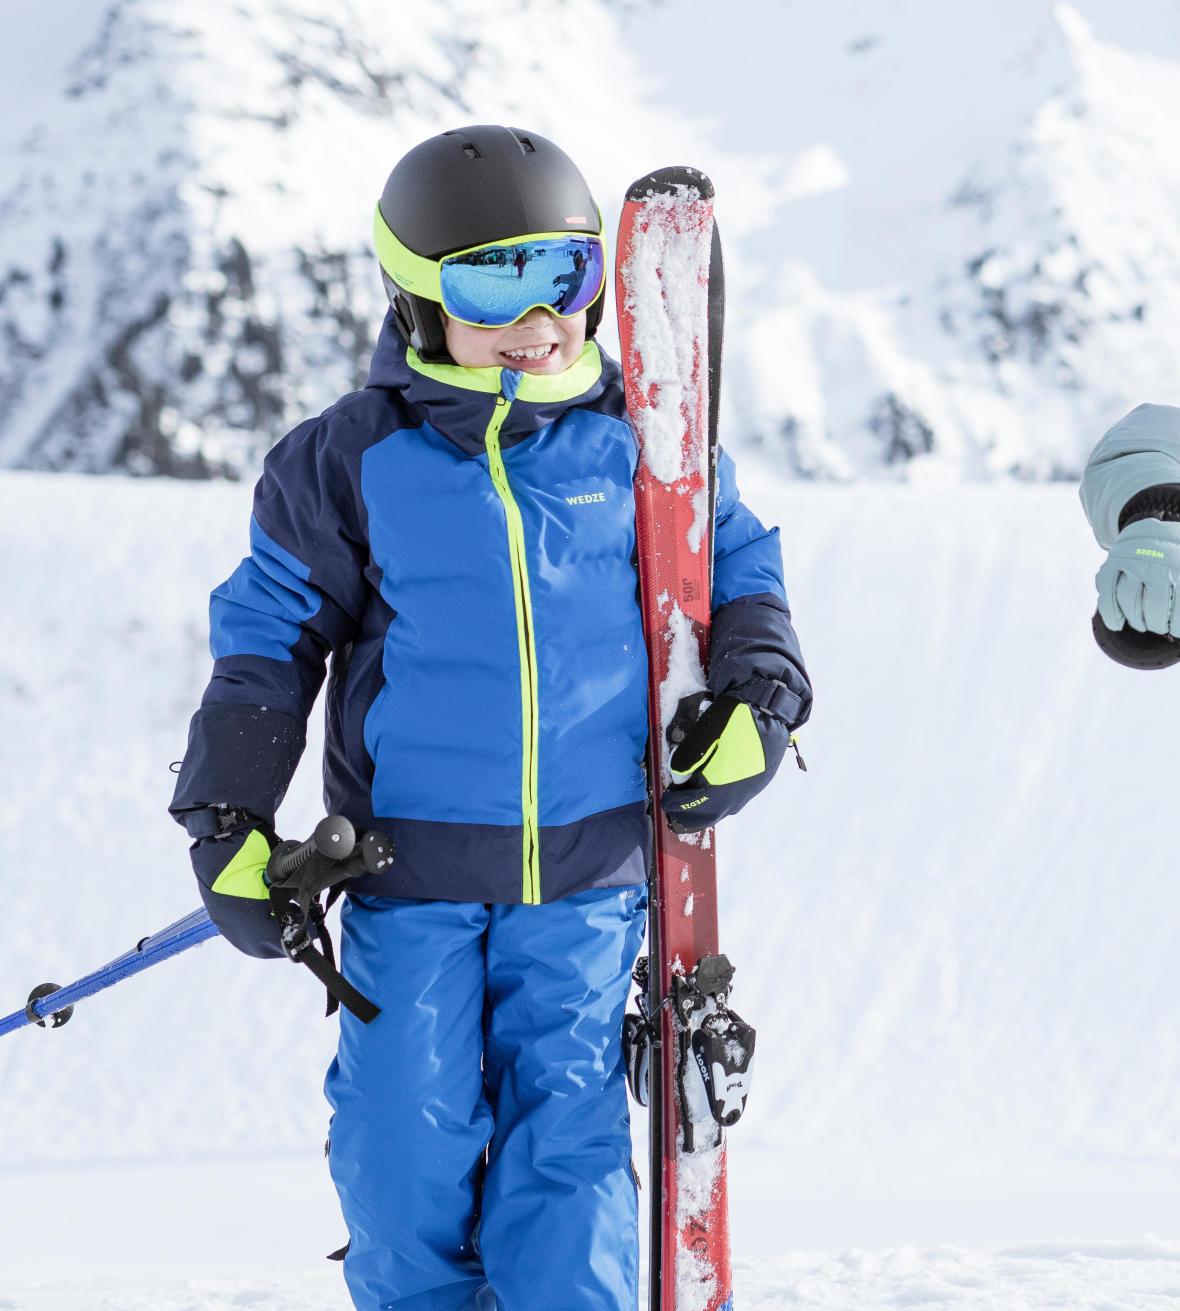 comment porter des skis